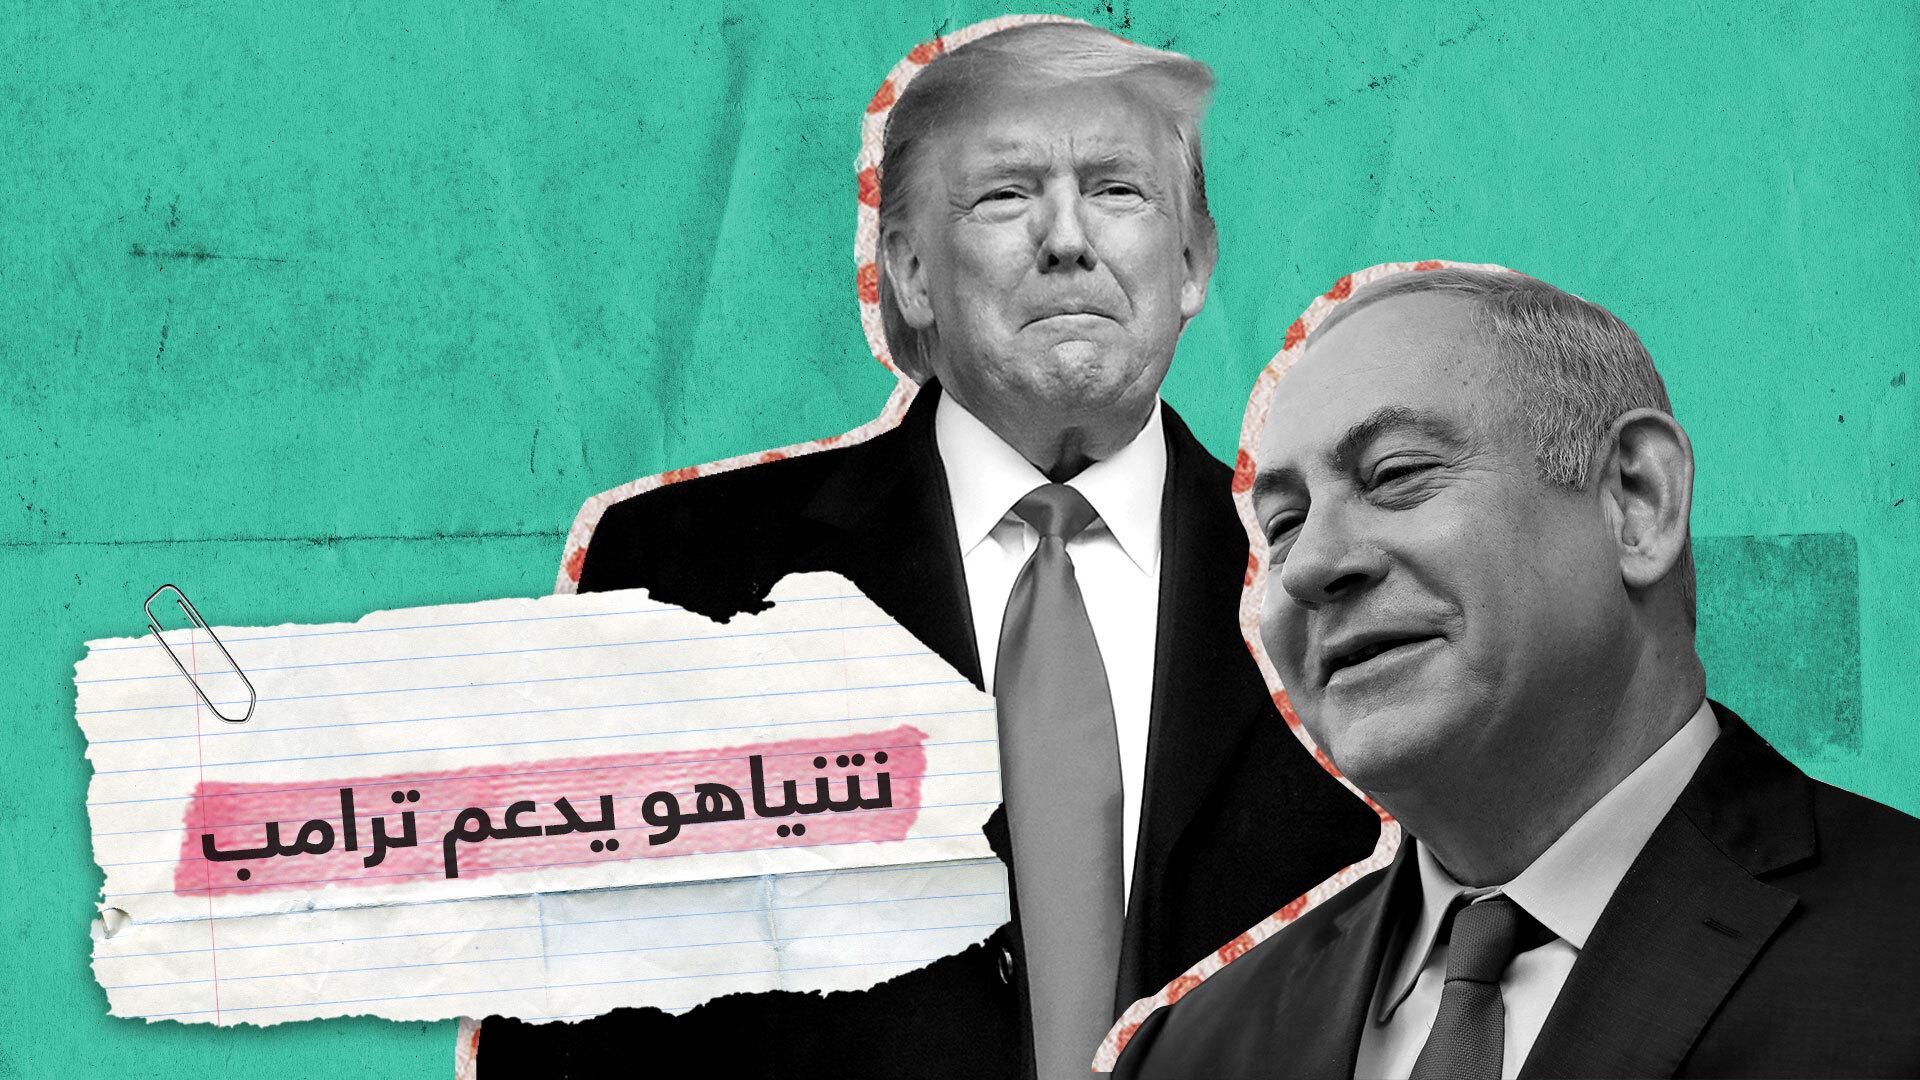 إسرائيل تقف بشكل كامل مع الولايات المتحدة